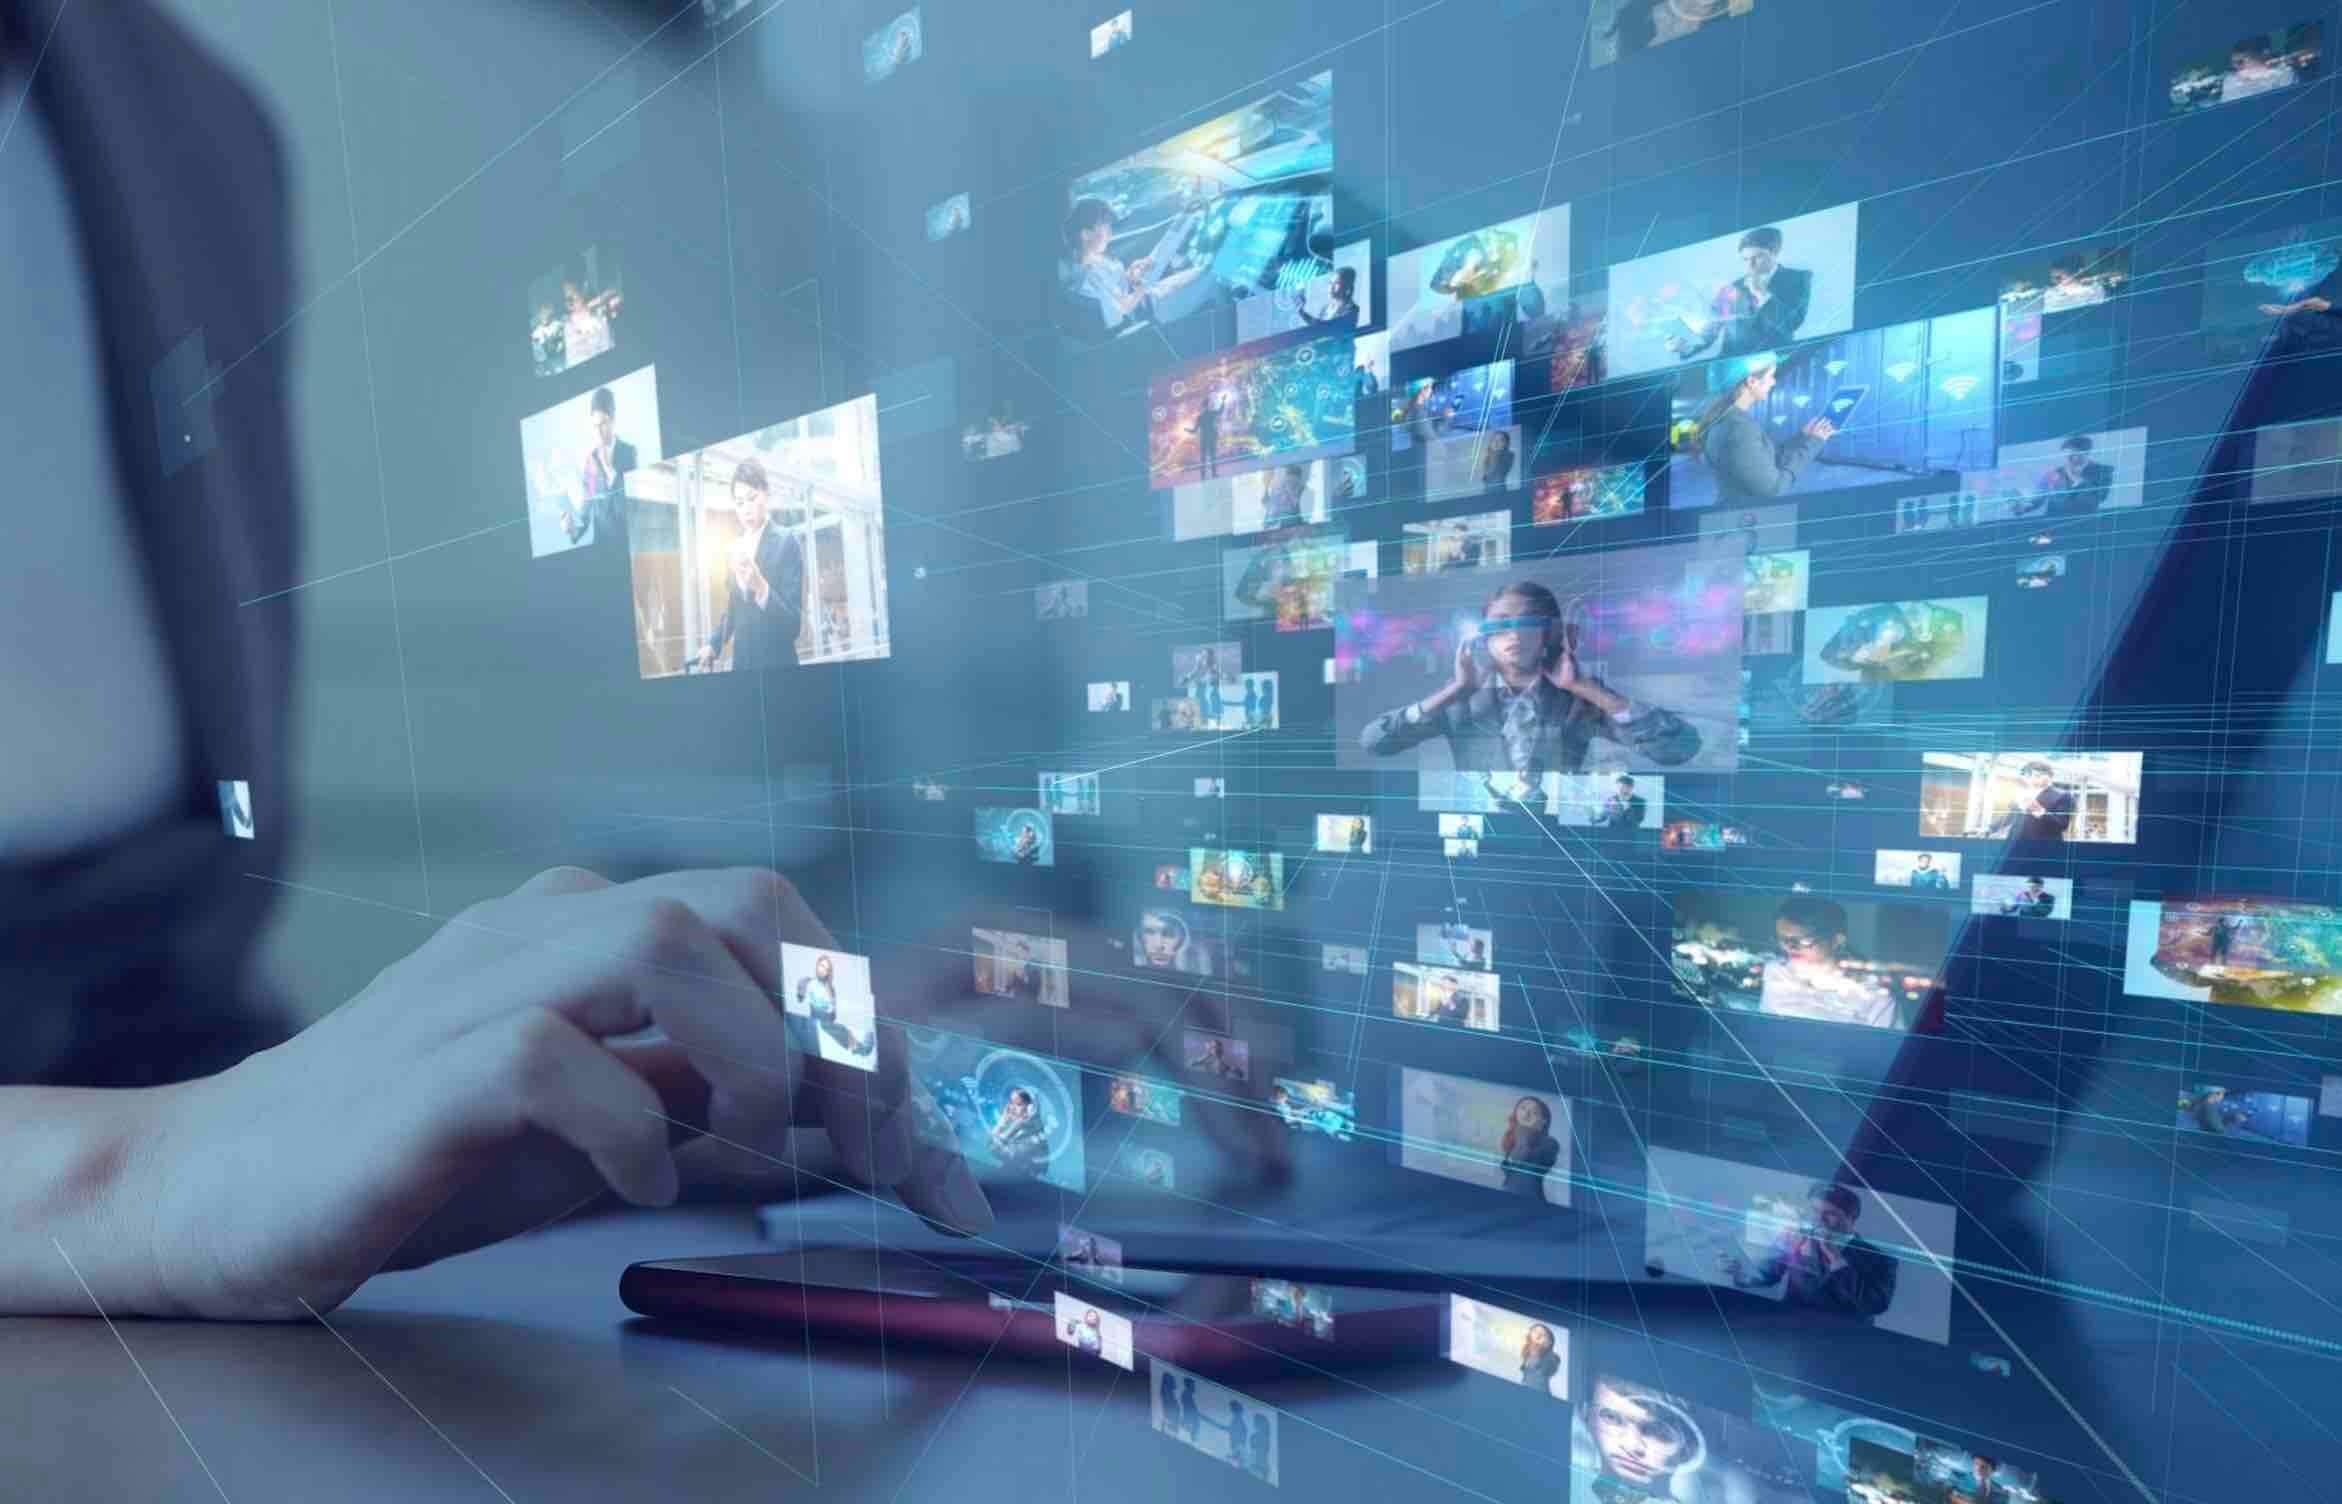 Hệ thống mạng nội bộ là gì?